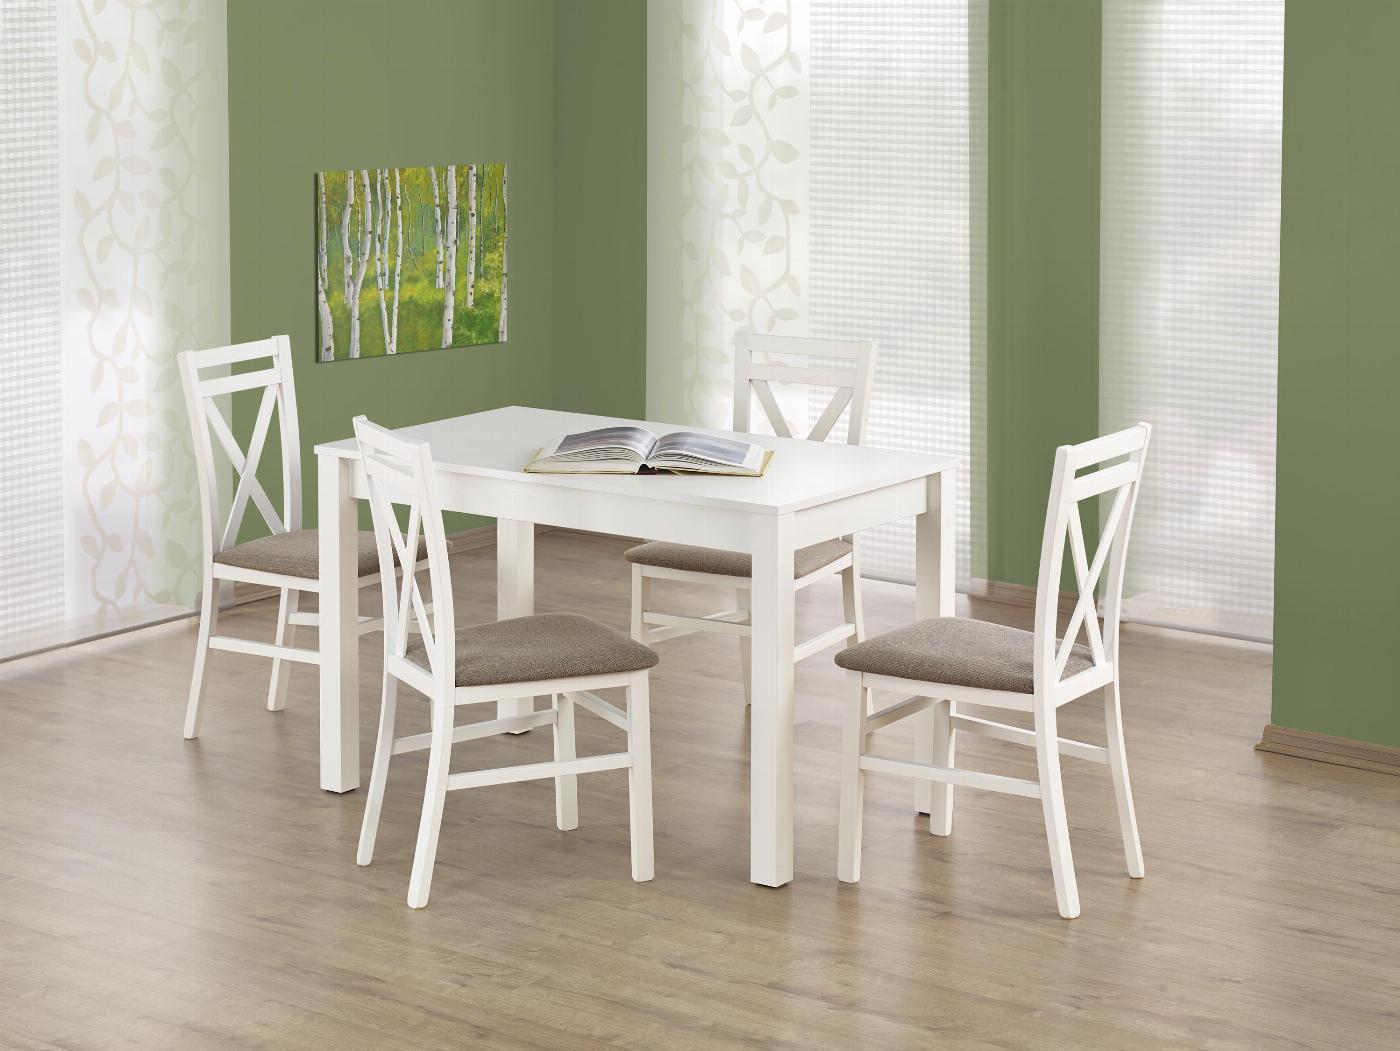 KSAWERY stół kolor biały (2p=1szt)